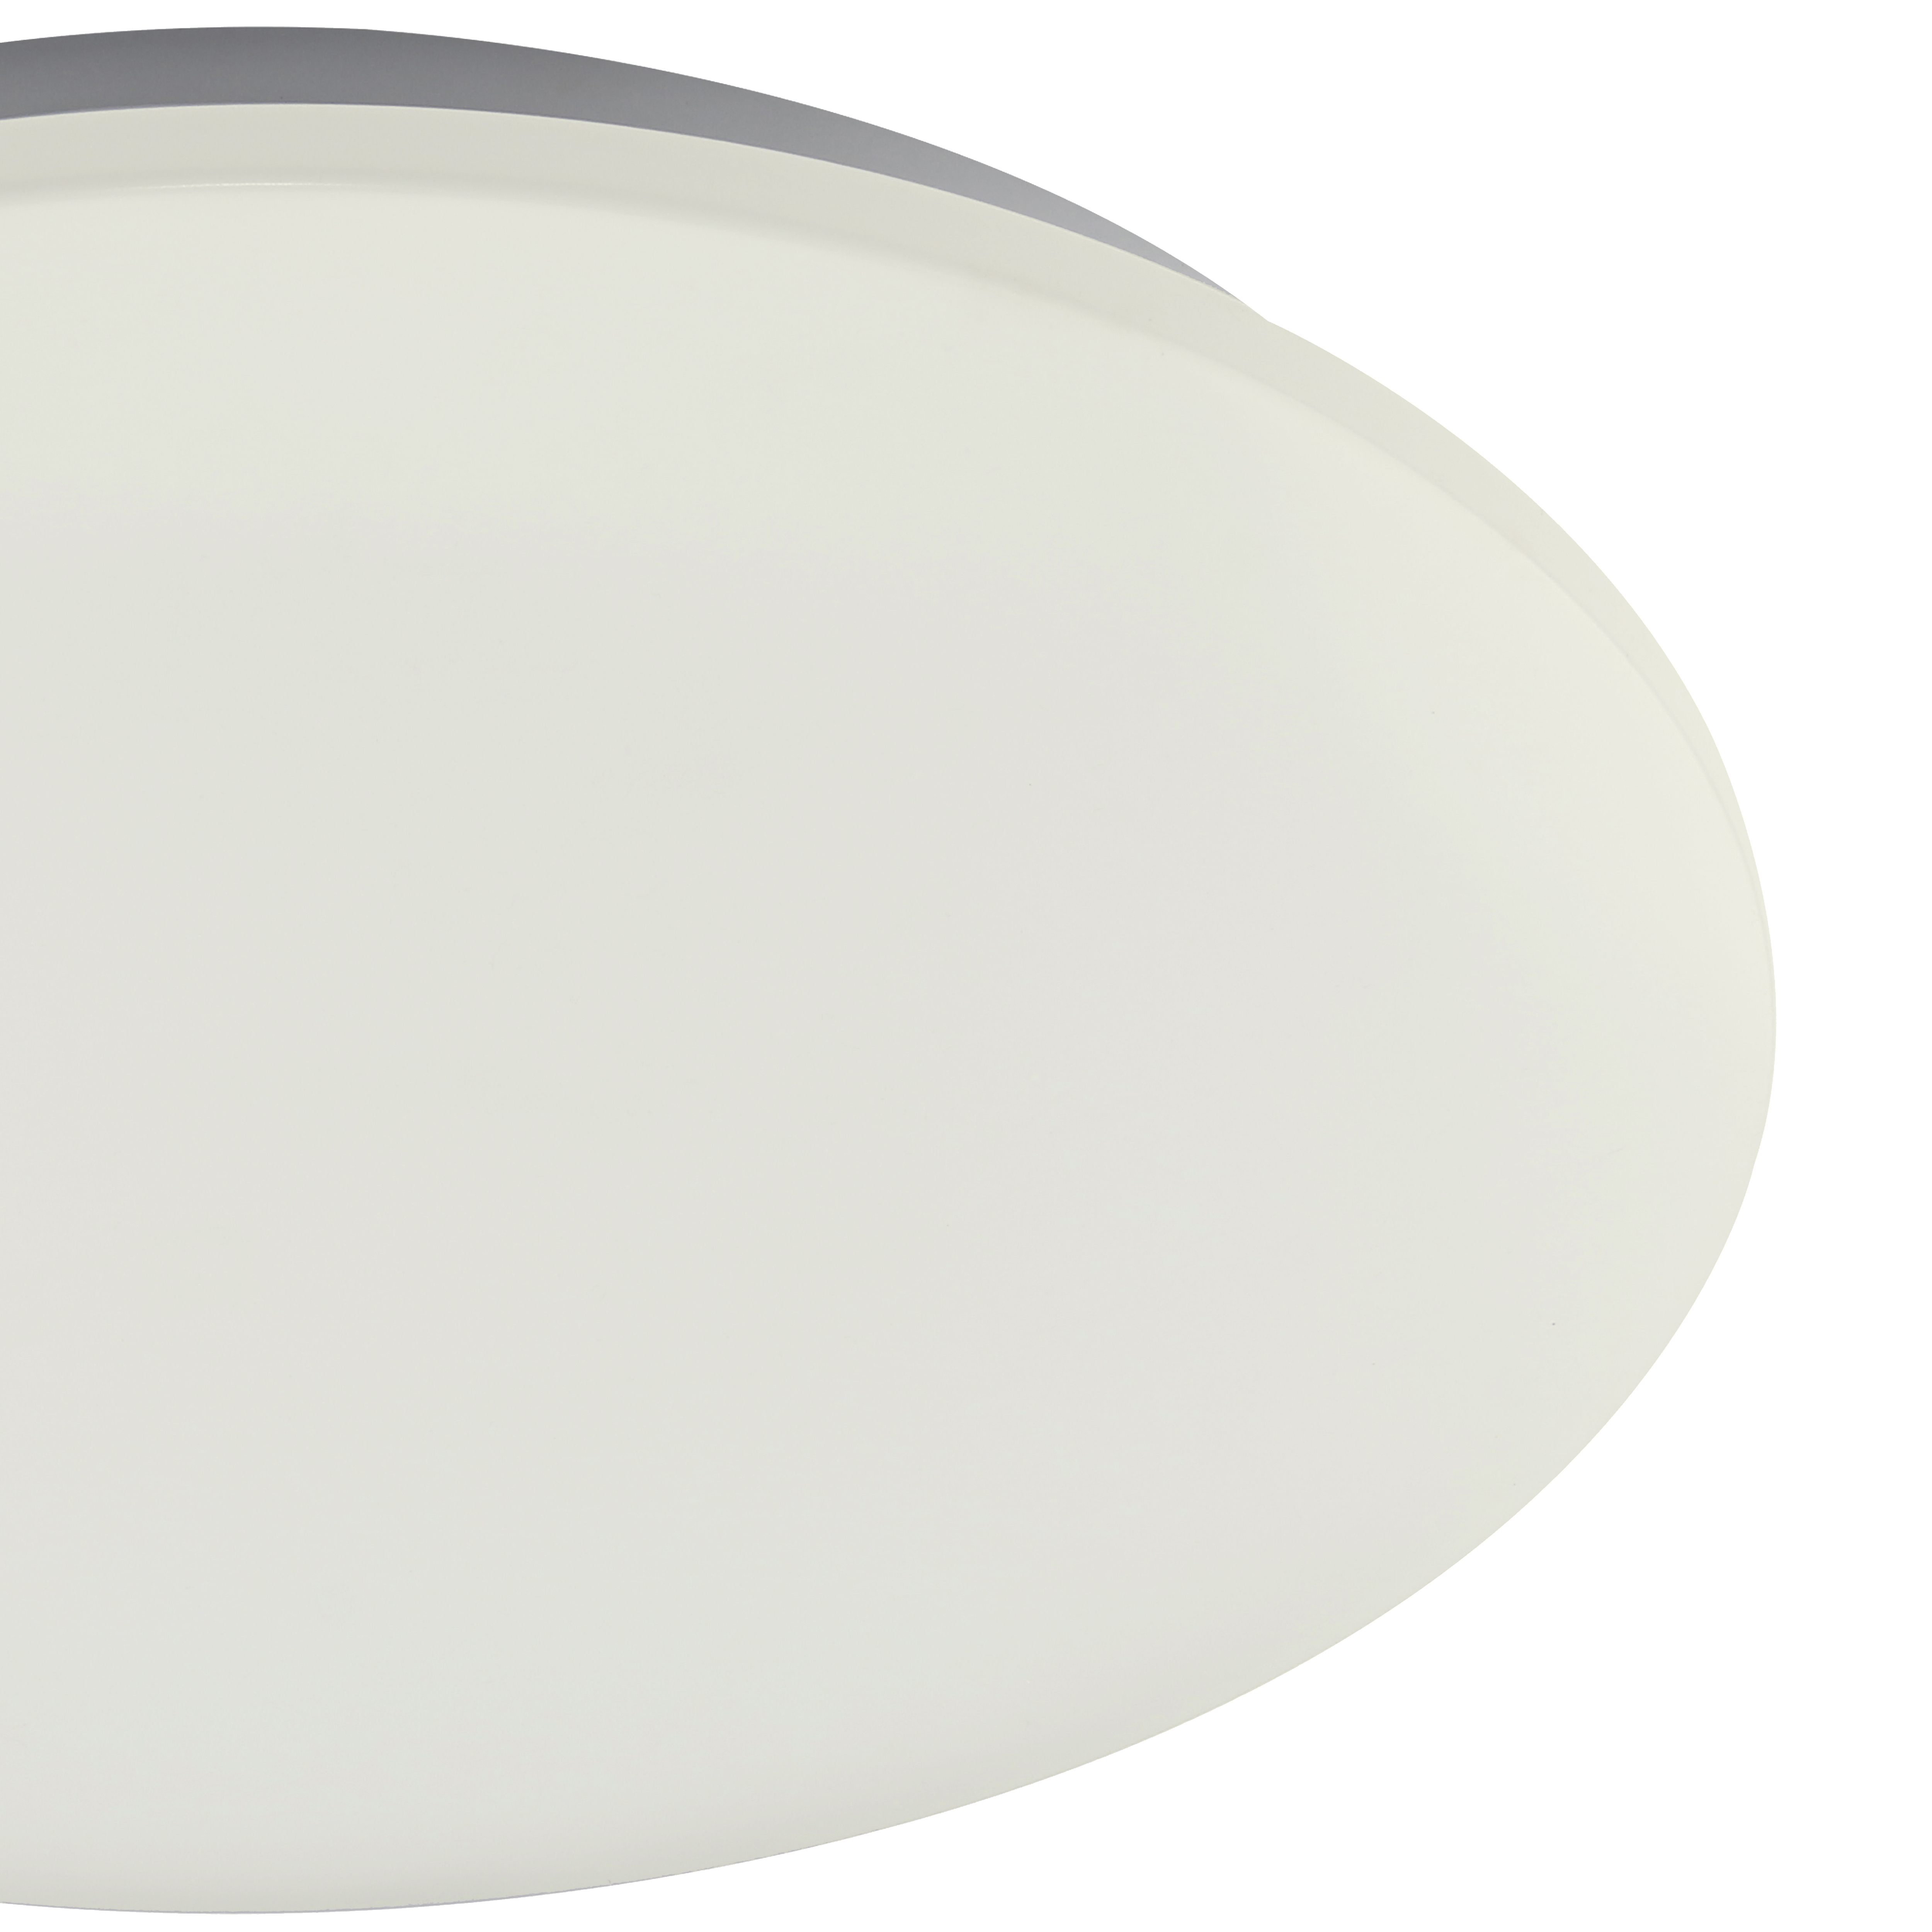 Потолочный светильник Mantra Zero 5944, белый, металл, пластик - фото 3